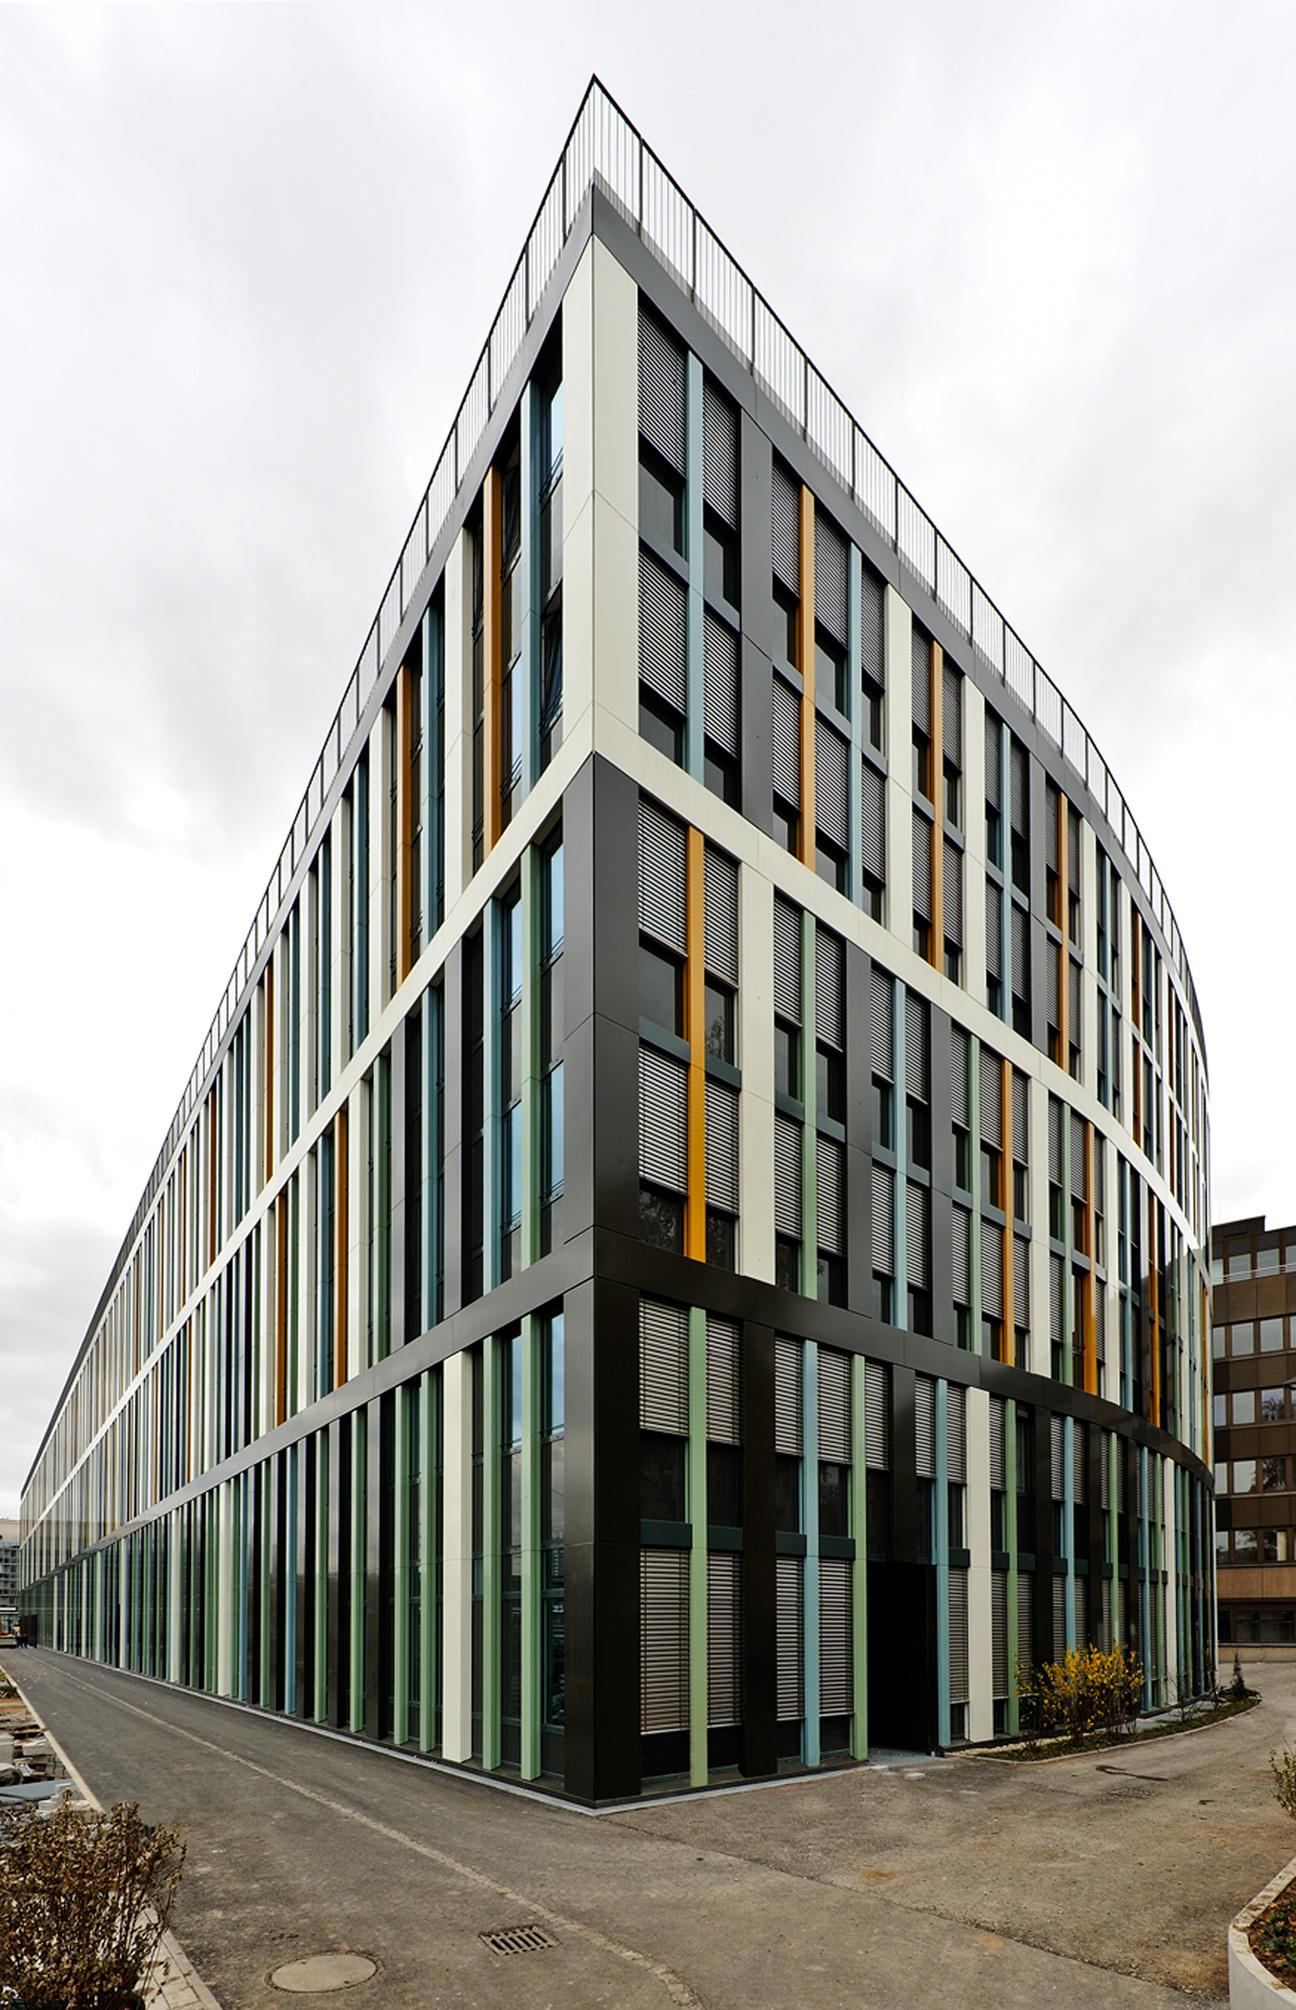 Innenarchitektur Referat referat für bildung und sport münchen muenchenarchitektur